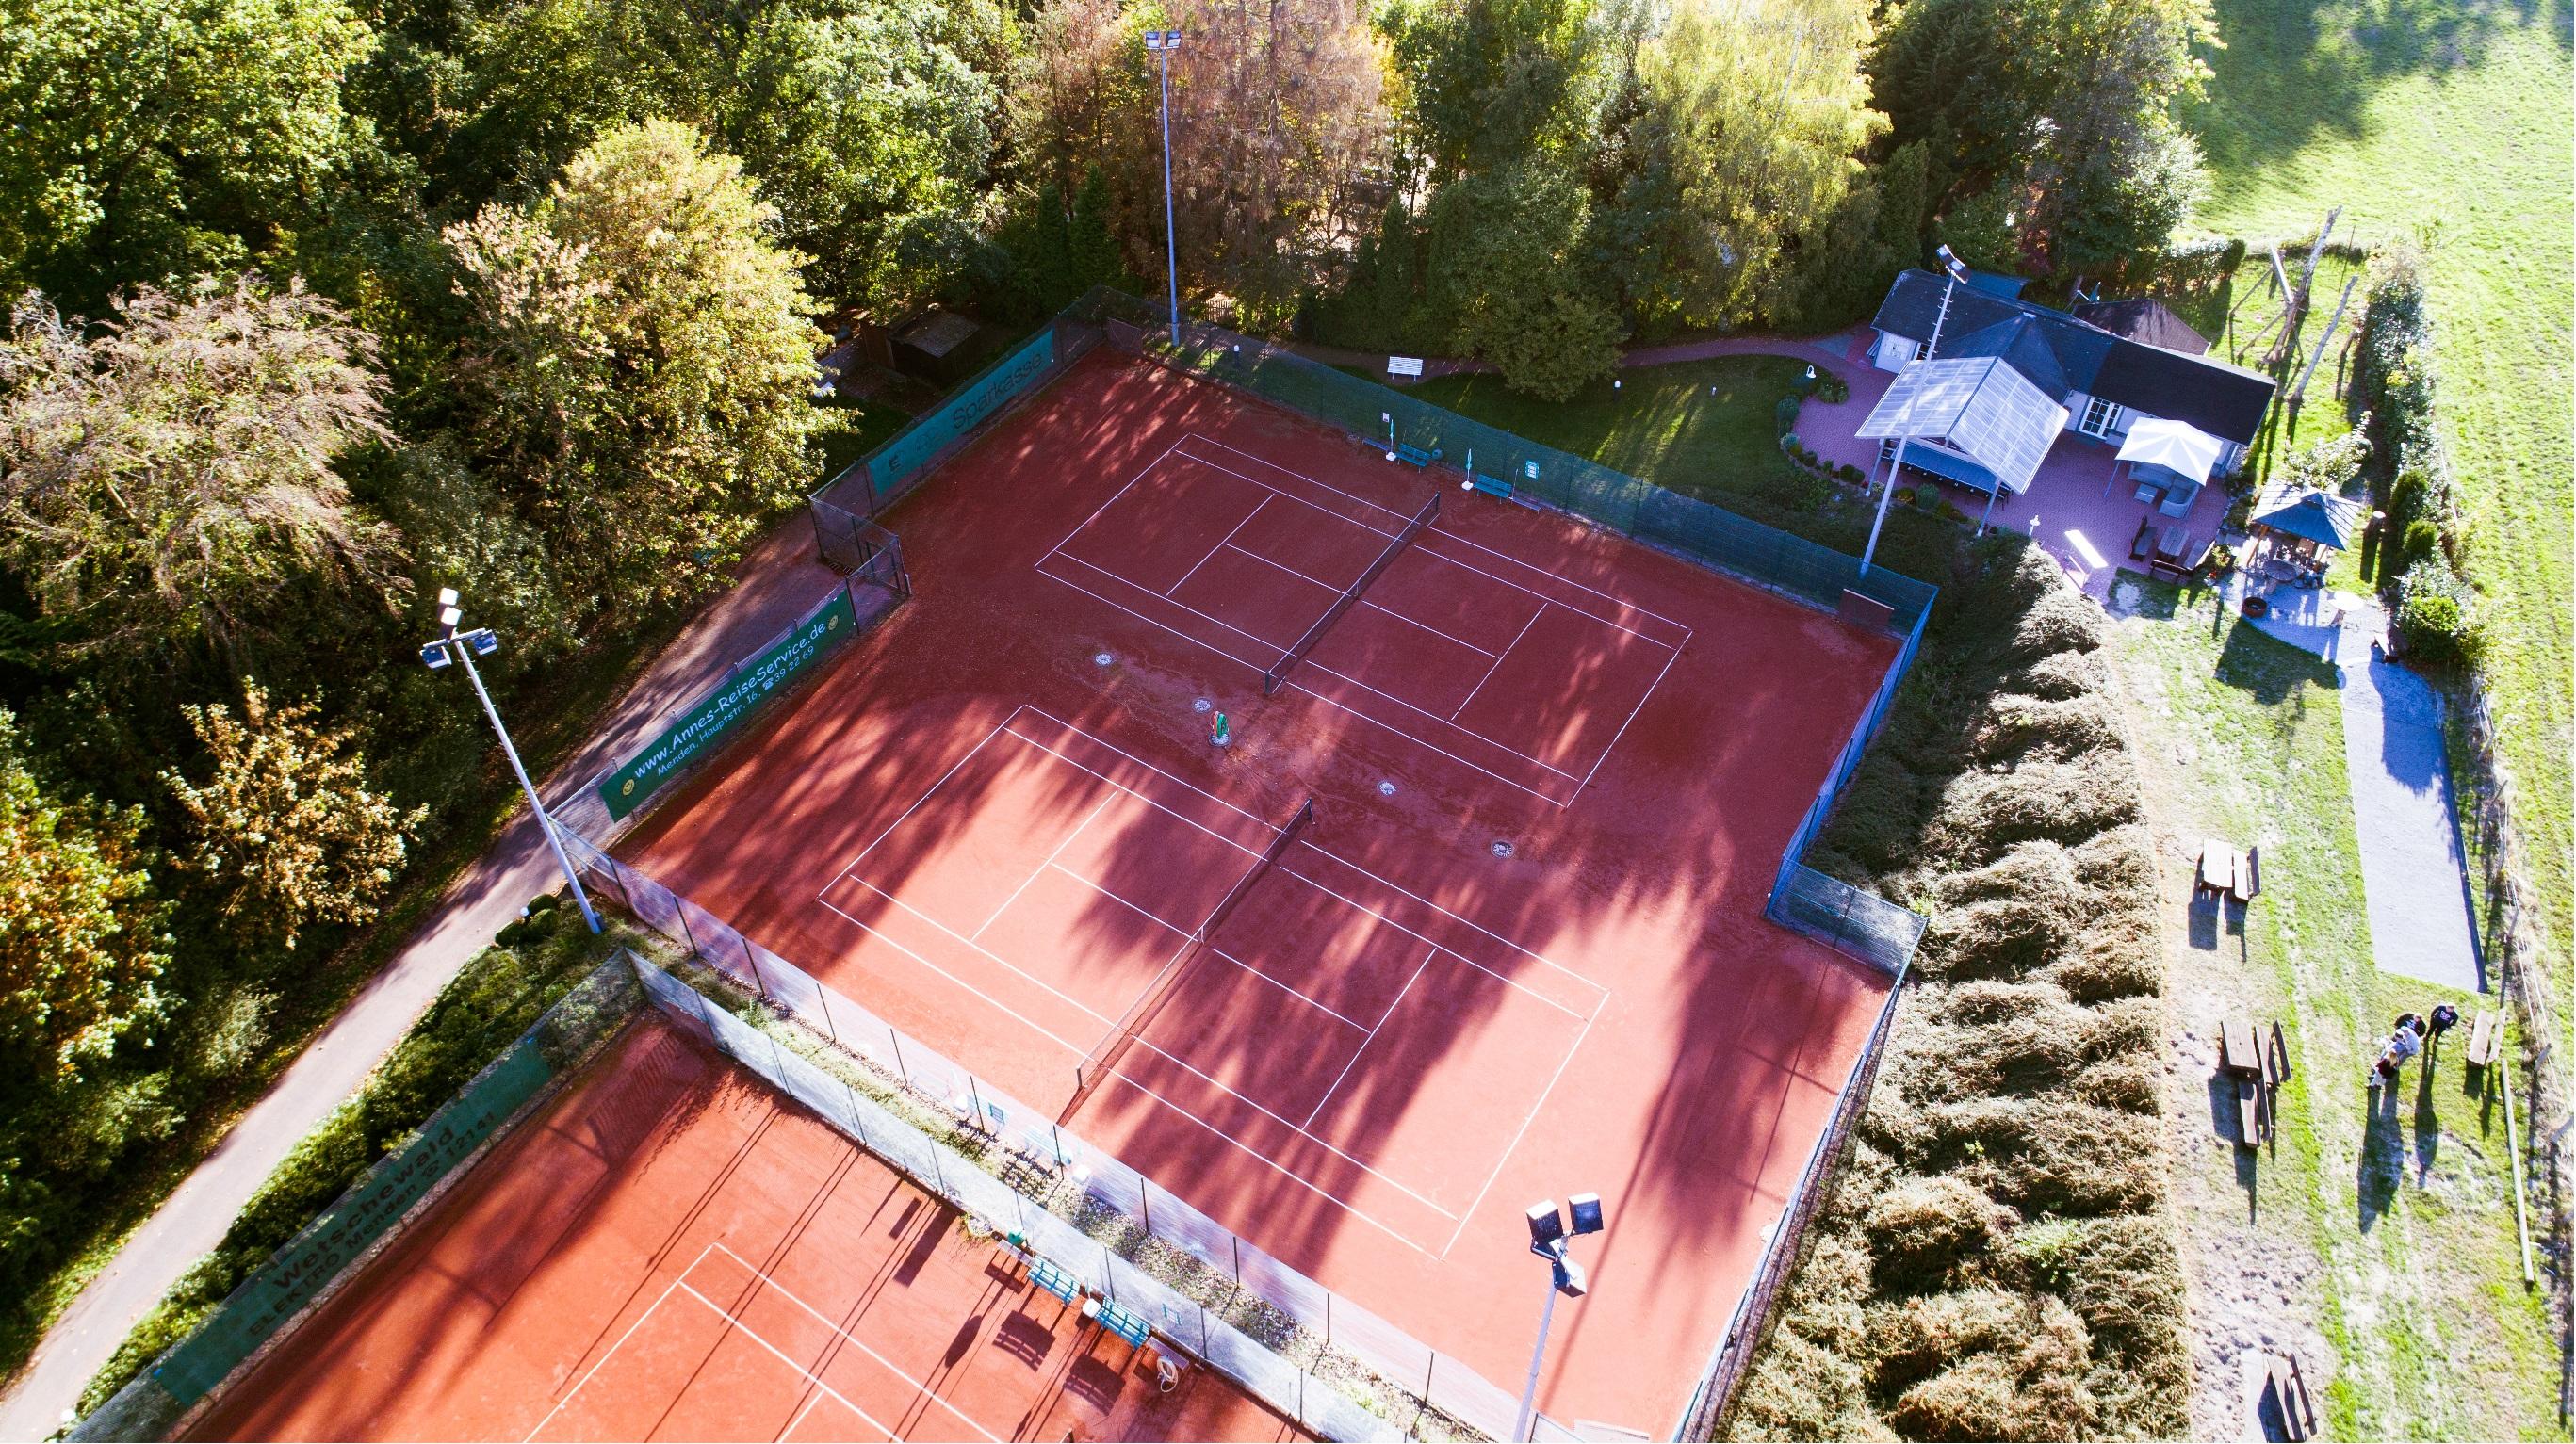 Tennisplatz-28-von-28cut